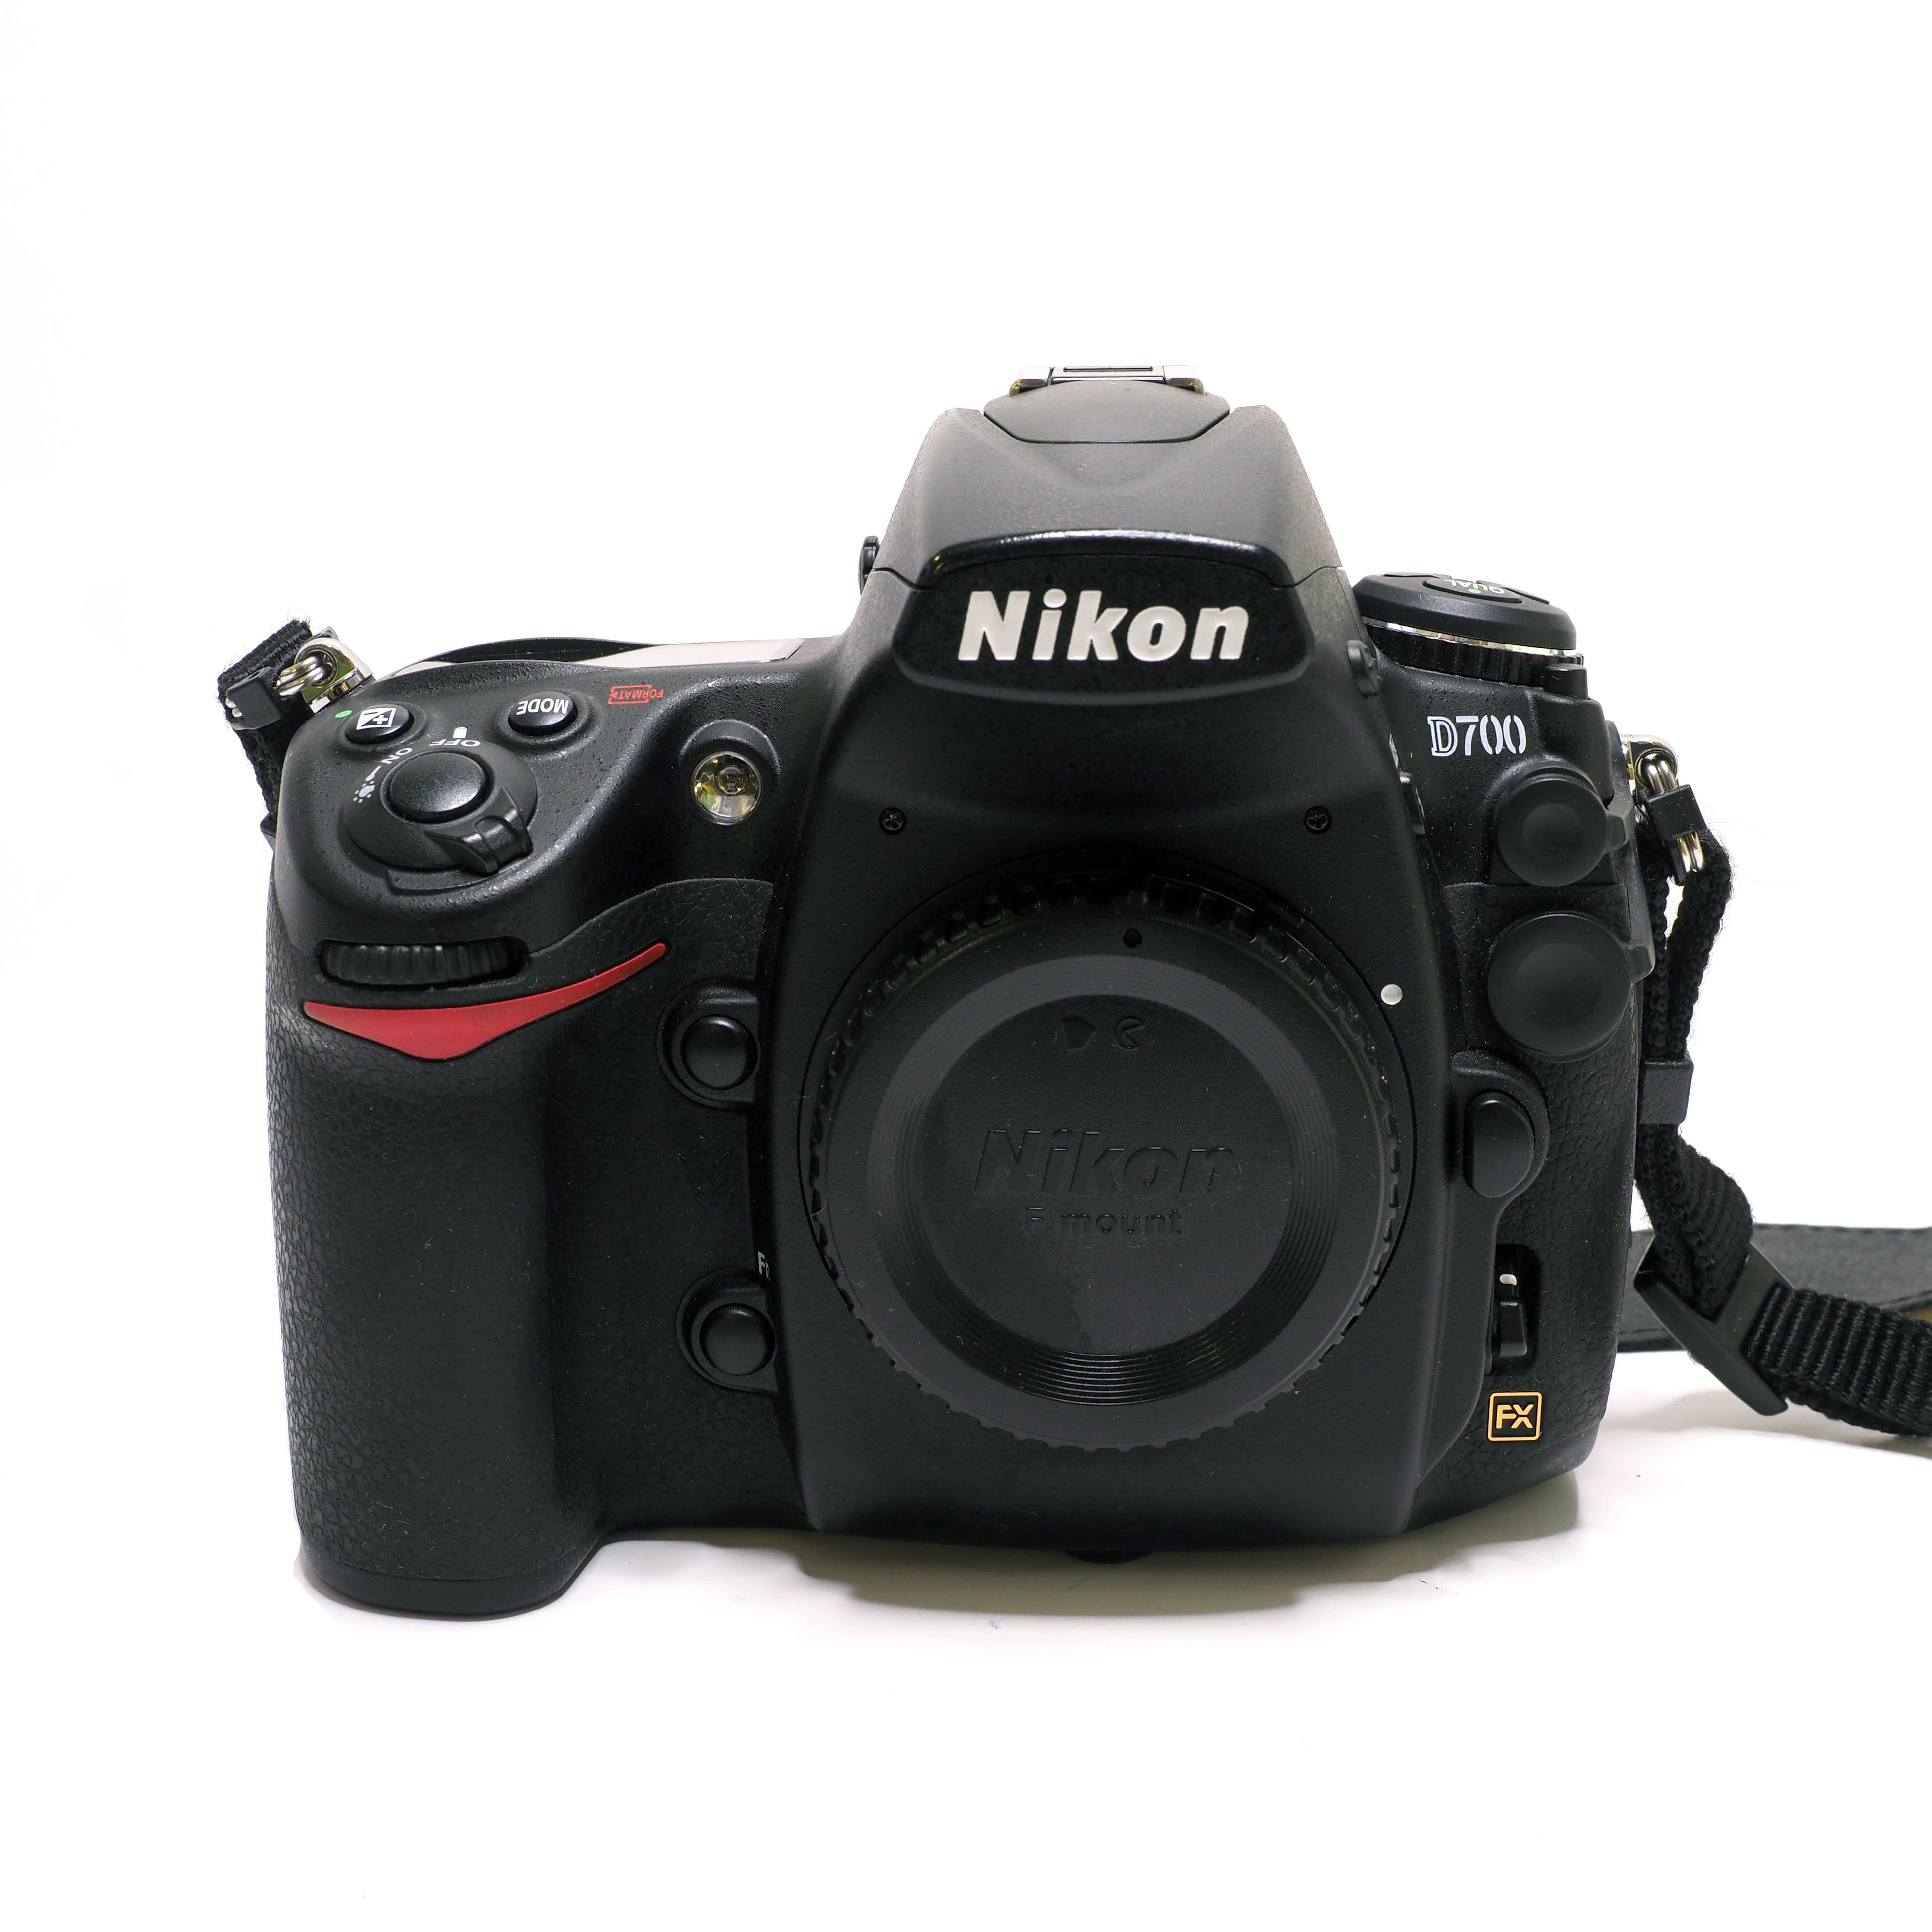 Nikon D700 kamerahus - BEGAGNAT